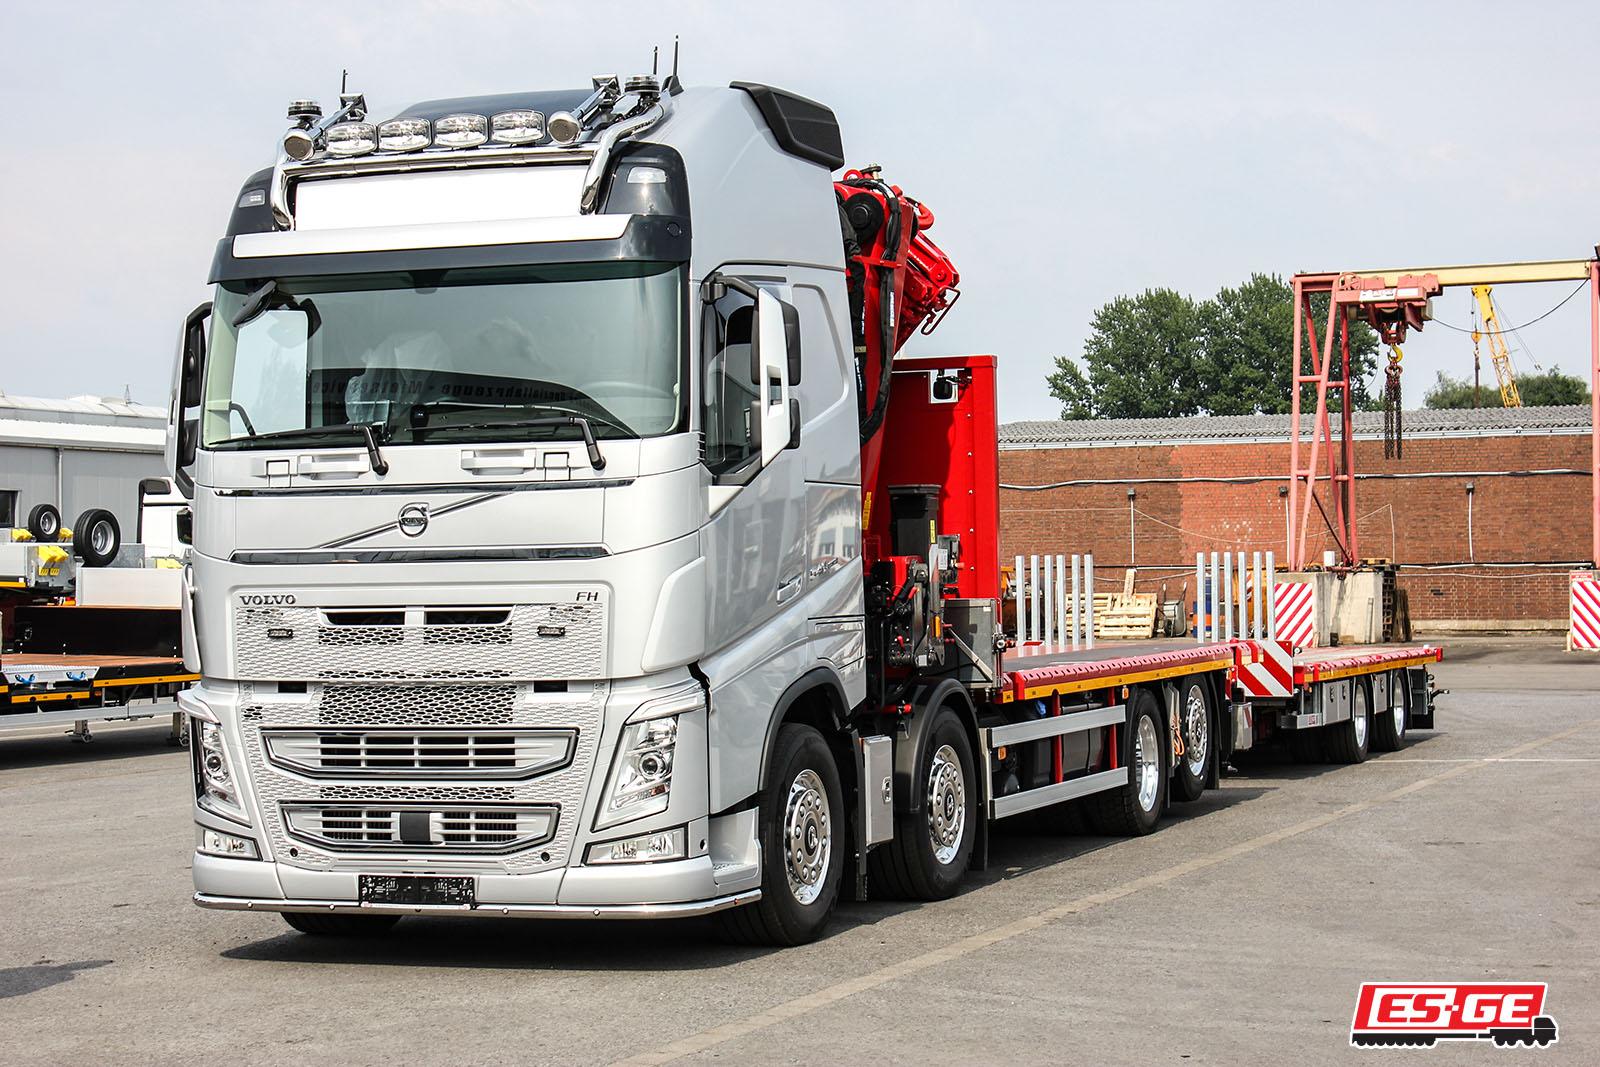 Referenzen-ES-GE-Rothmund-Volvo-LKW-MKG-Ladekran-ES-GE-Anhänger6